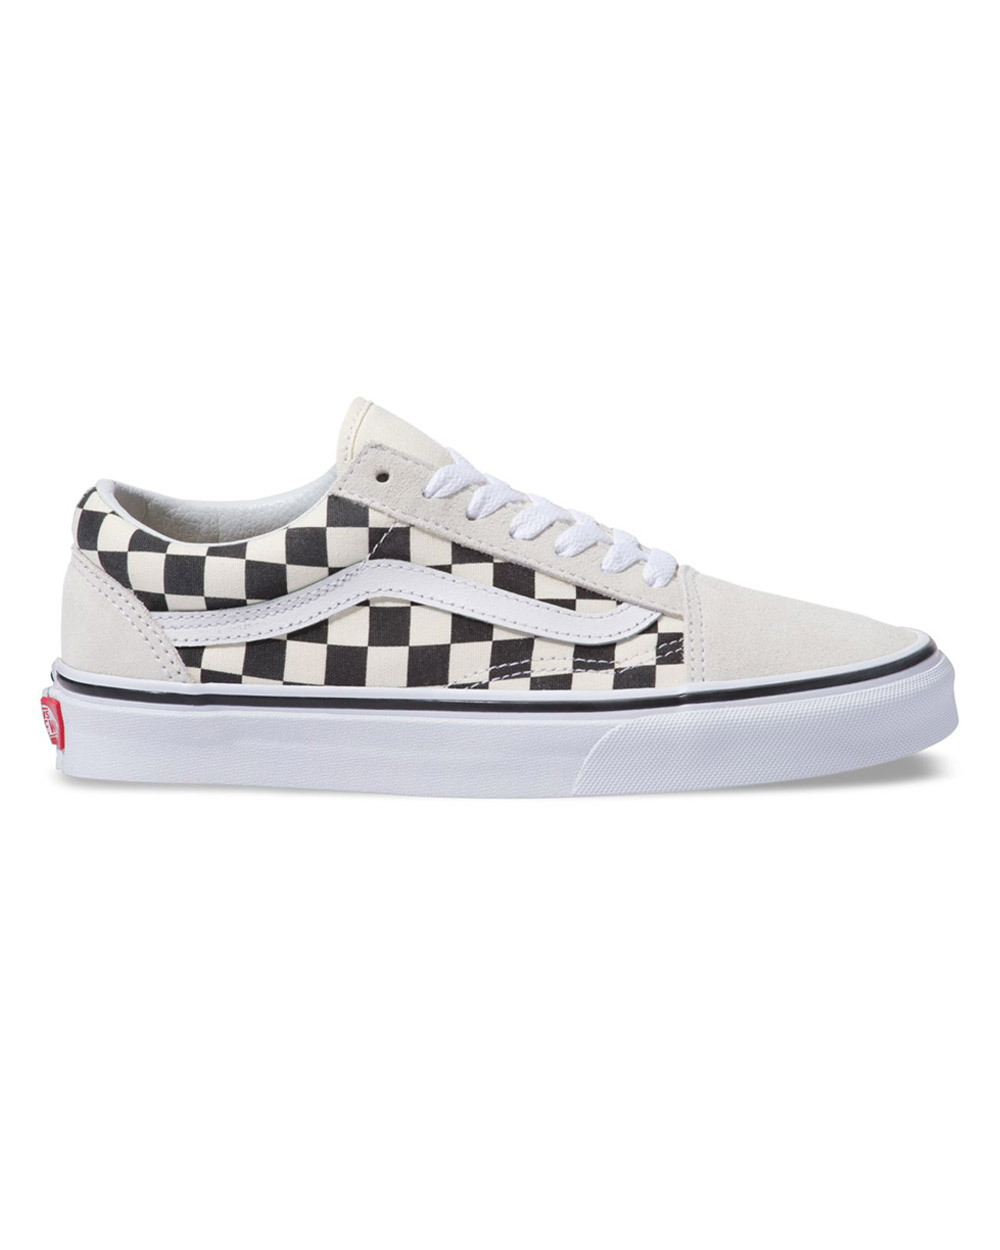 Vans Old Skool Checkerboard (white